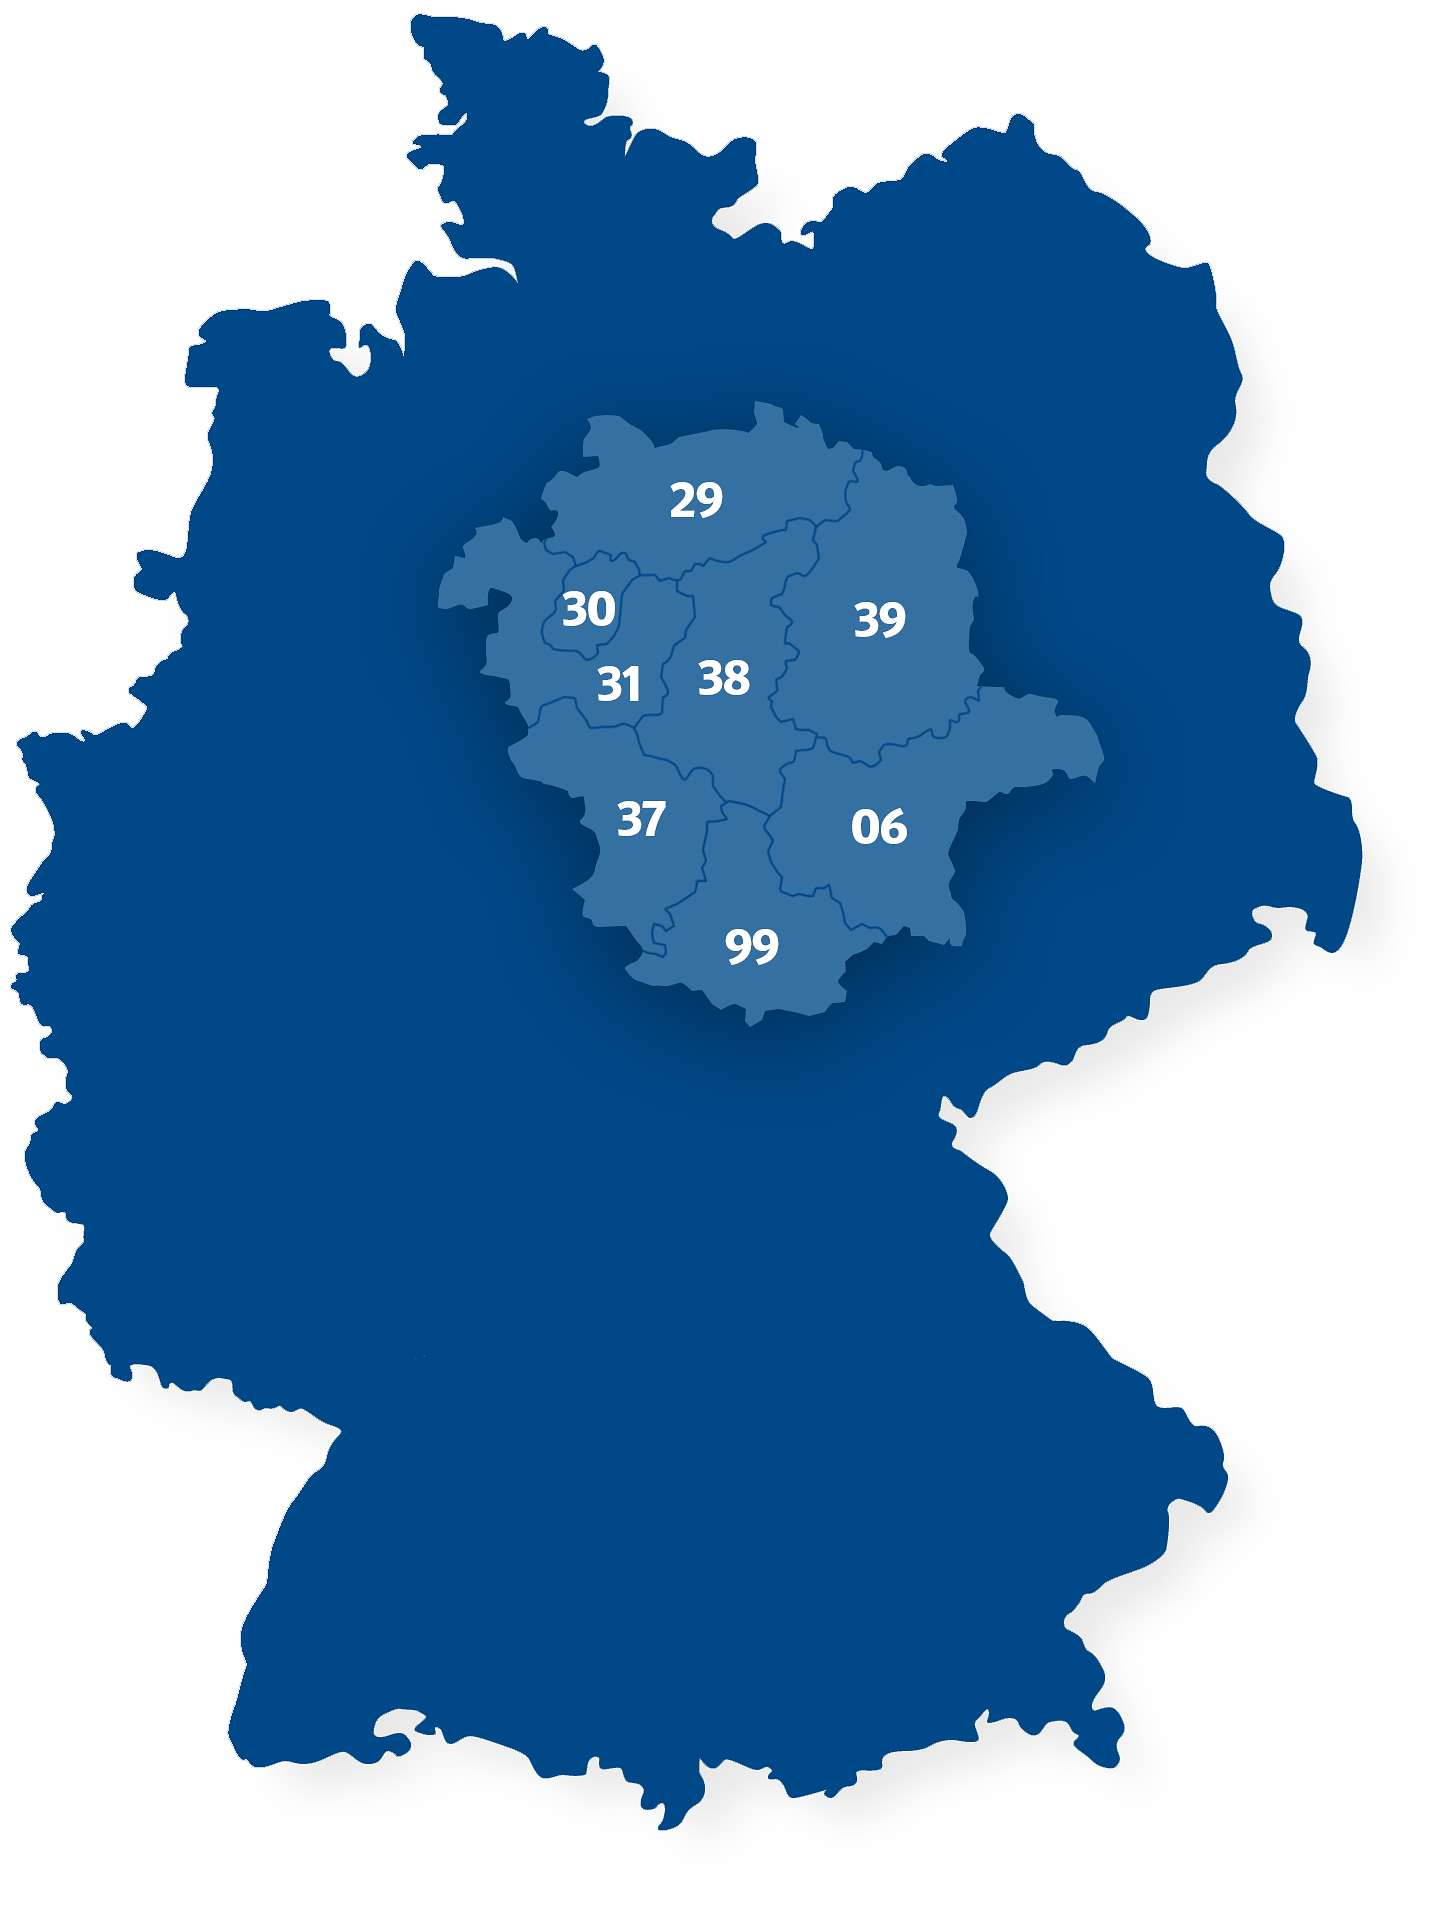 2602 deutsche Dienstleister und Lieferanten im Umkreis von 125 Kilometern